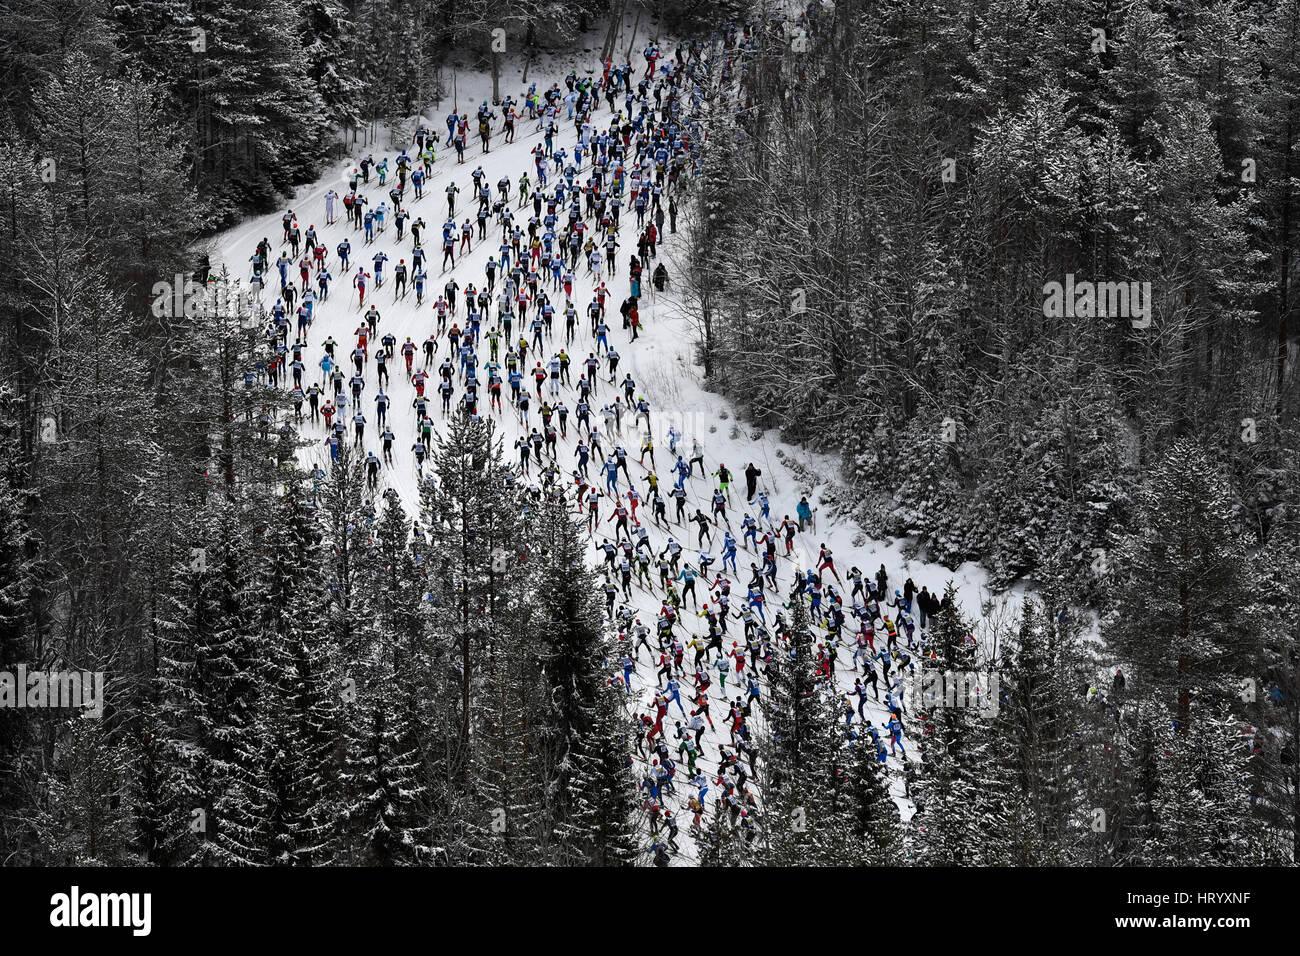 Stockholm. 6. März 2017. Die lange Strecke Langlauf Ski Wettbewerb Vasloppet in der Region Dalarna Mittelschweden, Stockfoto